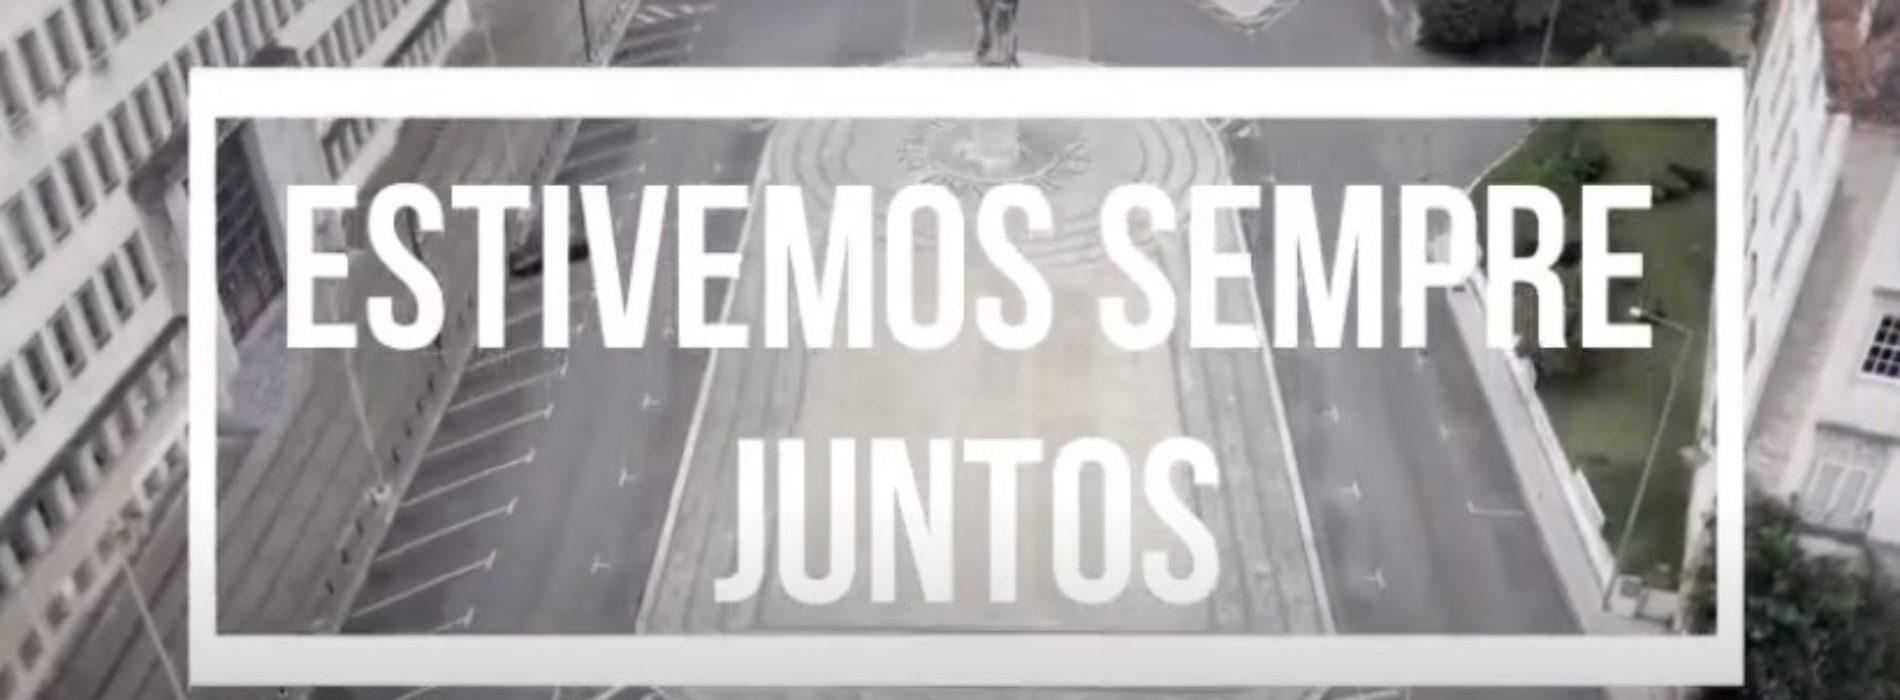 Iniciativa do Turismo Centro de Portugal recebe mais de 100 vídeos filmados na região (com vídeo)